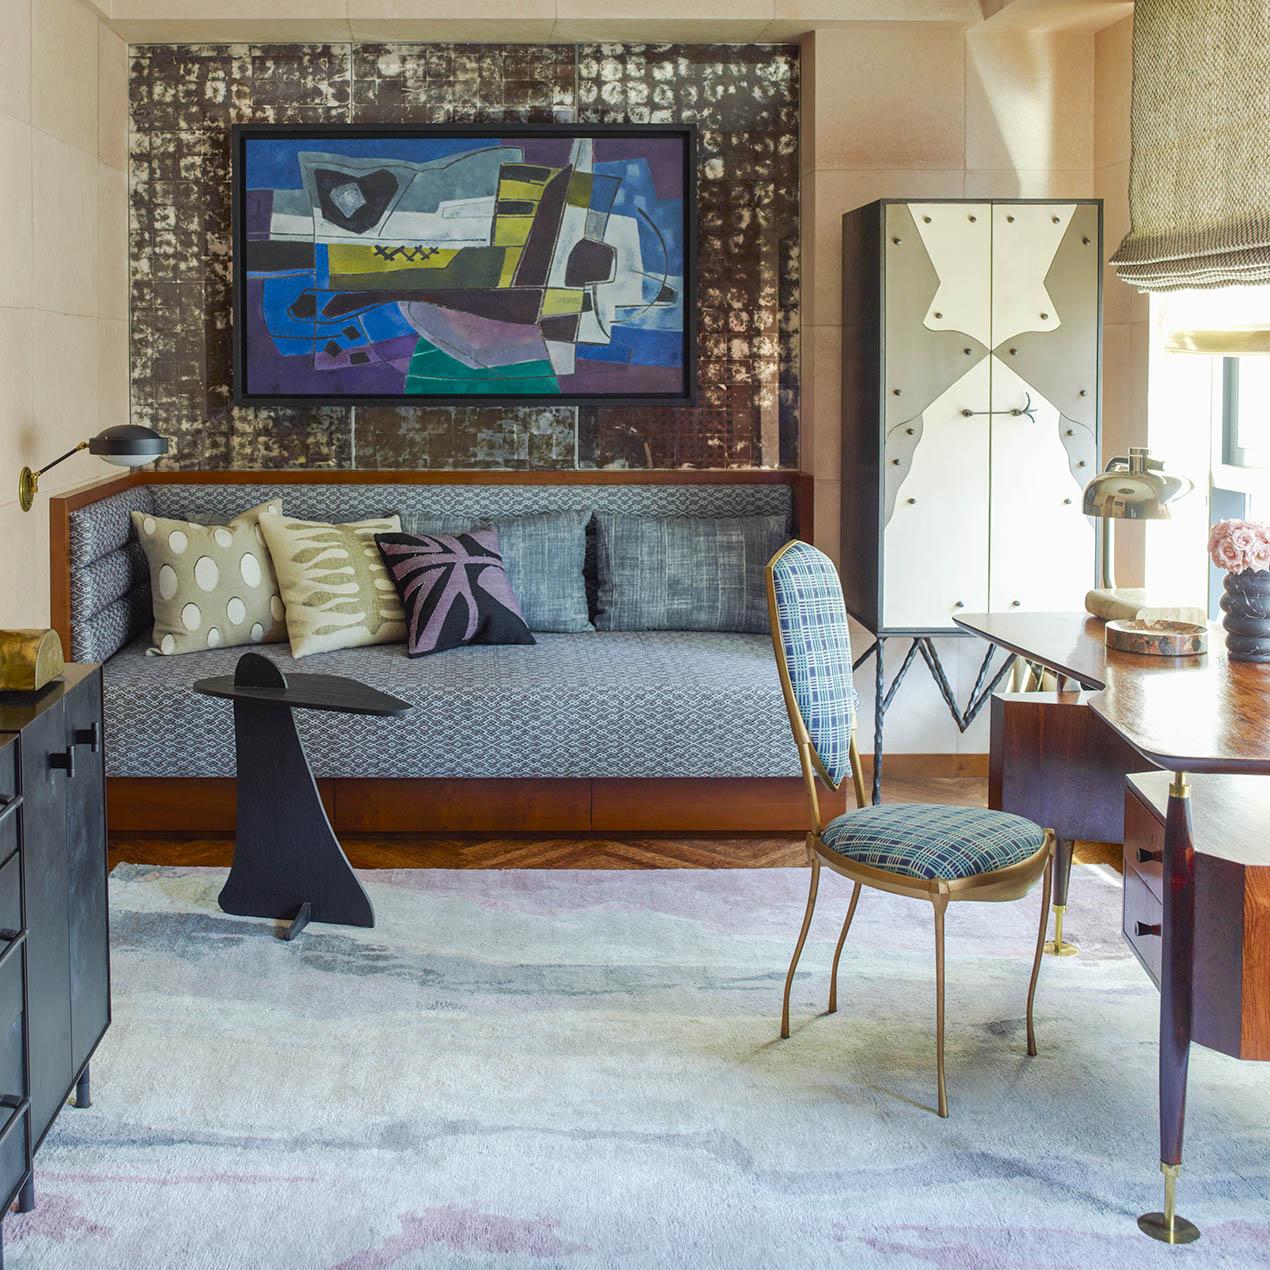 Kelly Wearstler Online Store: Interiors Residence Designed